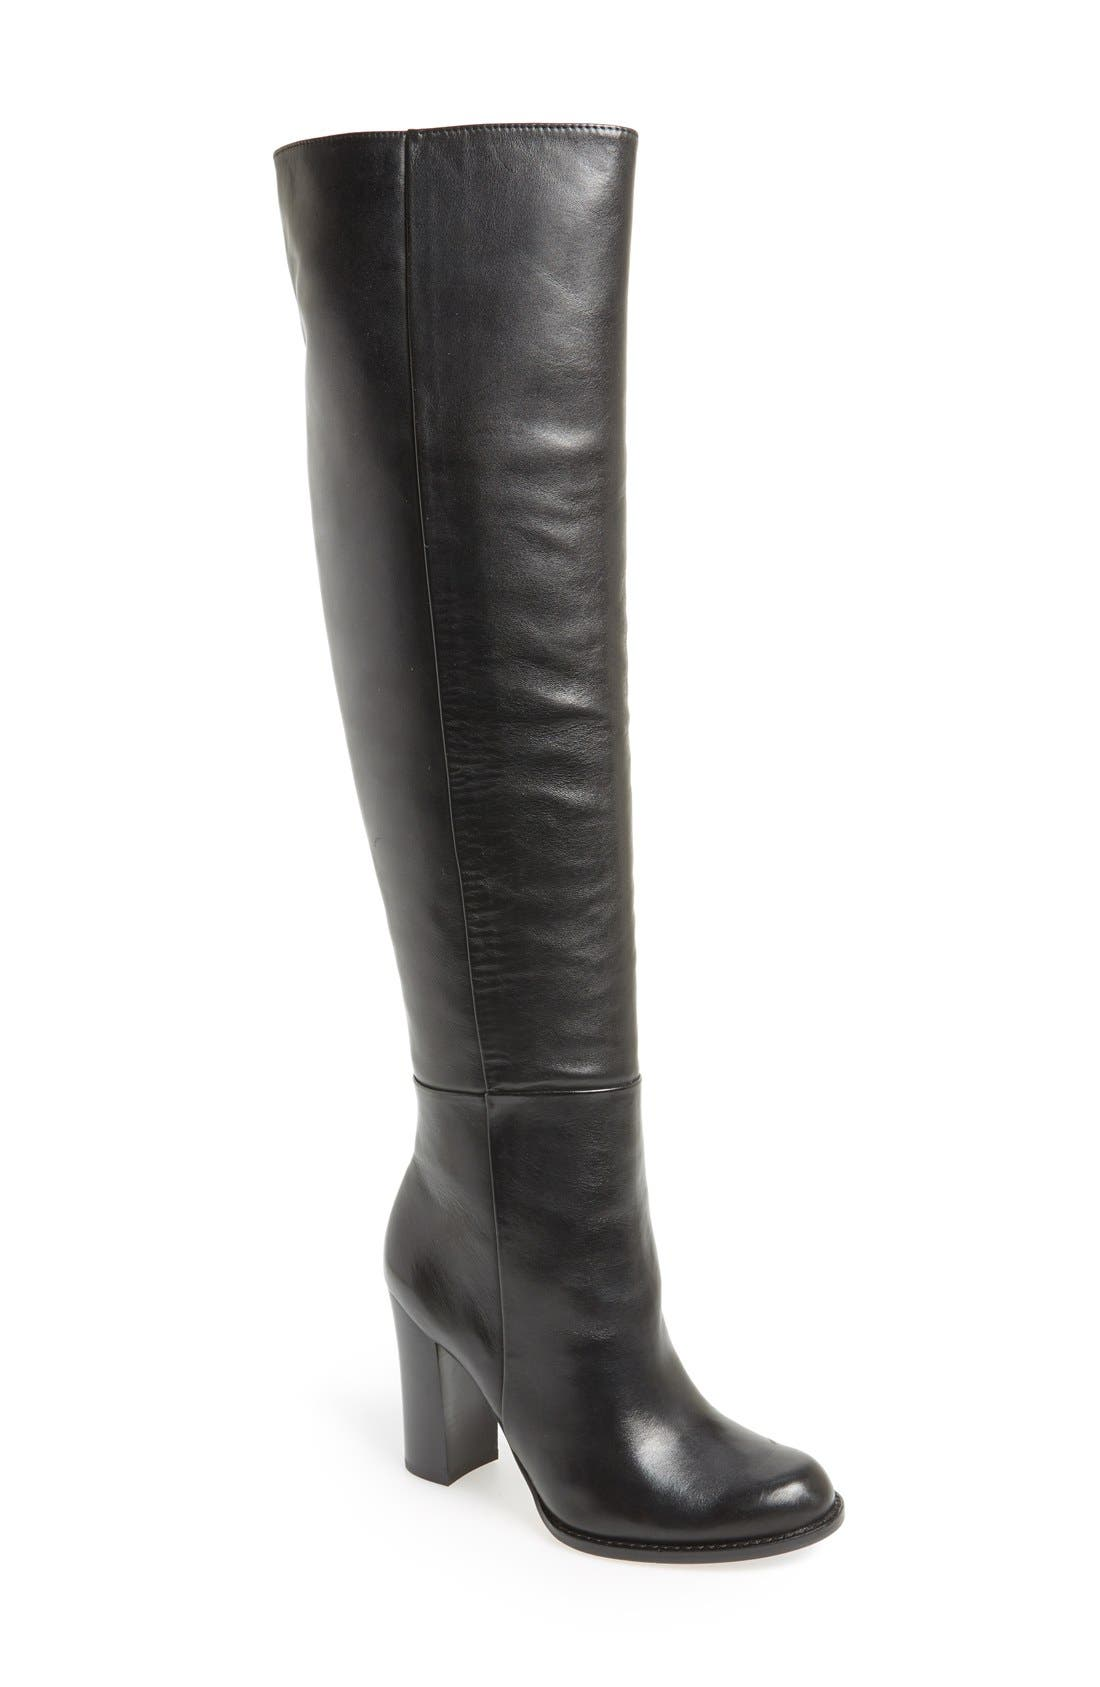 Alternate Image 1 Selected - Sam Edelman'Rylan' Over the Knee Boot (Women)